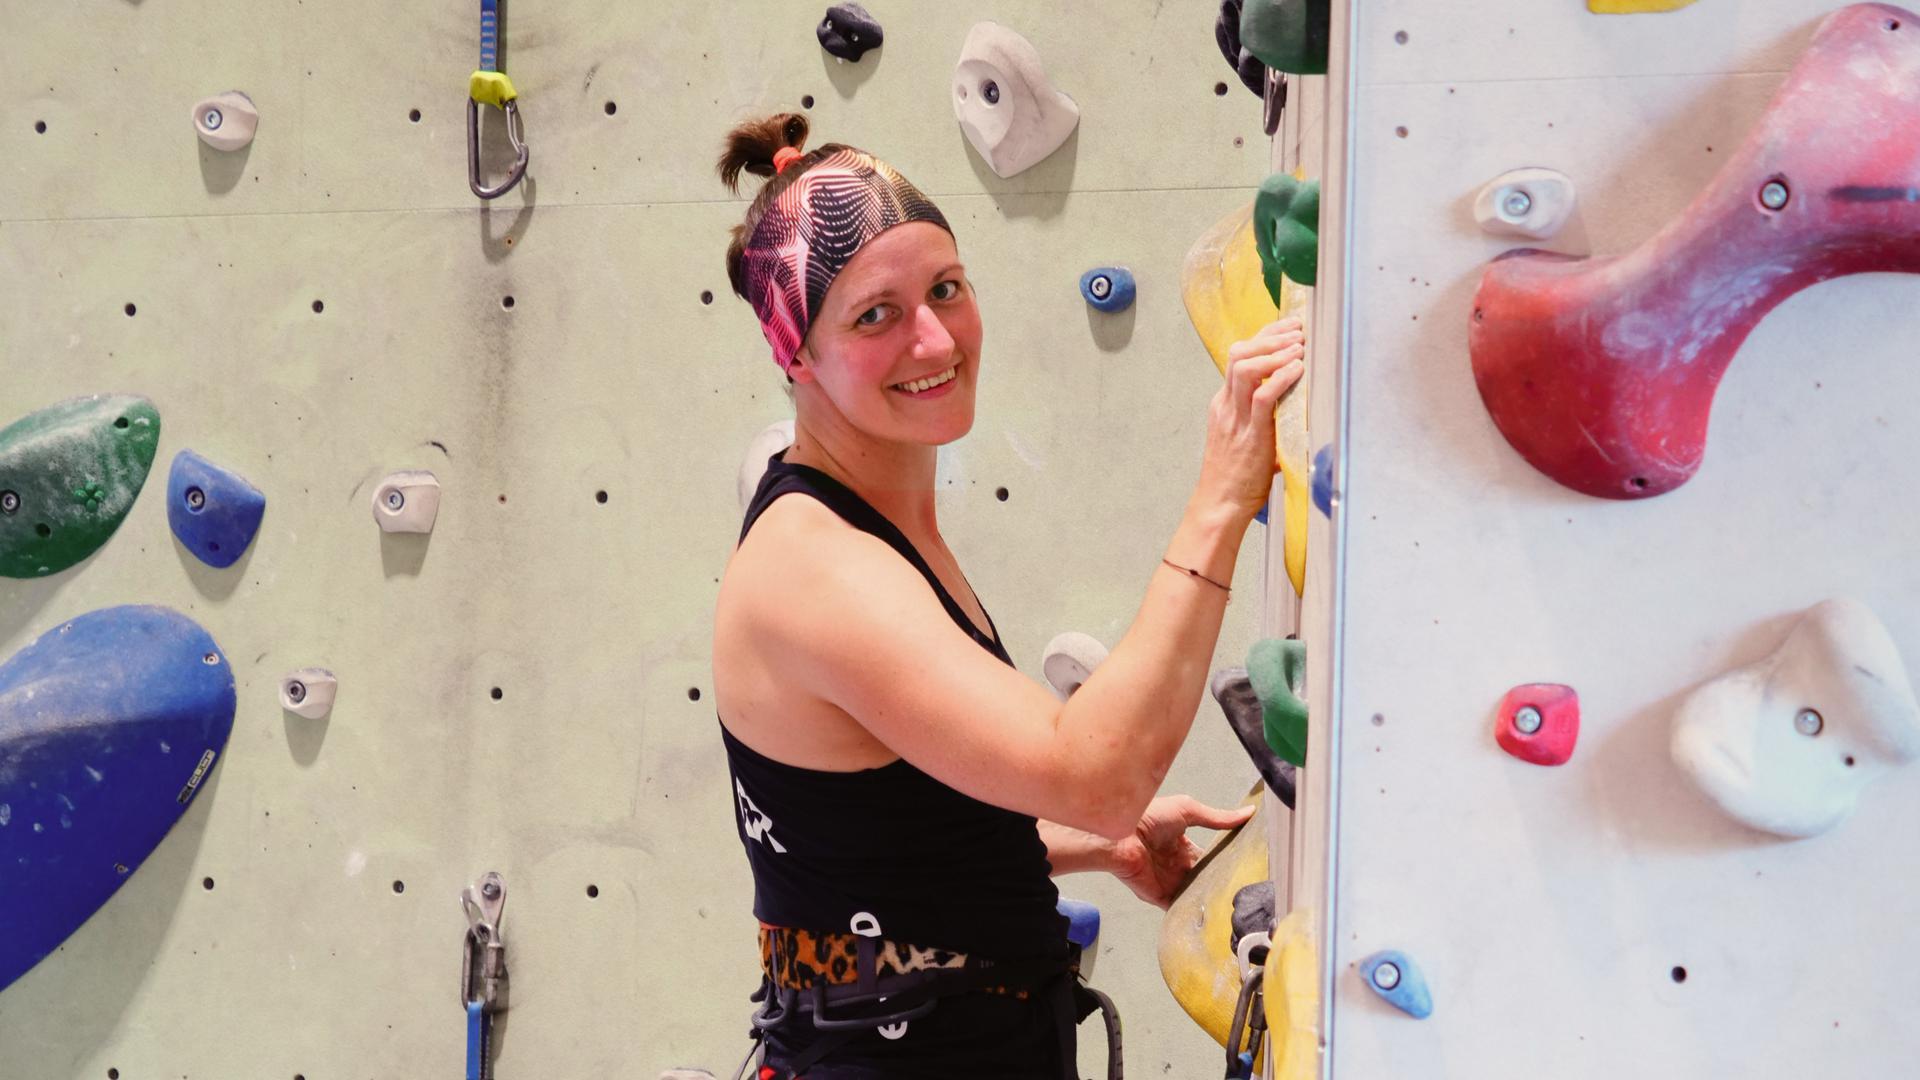 Sportklettern auf Spitzenniveau und Alpintouren mit amputiertem Fuß: Jacqueline Fritz vom Alpenverein Karlsruhe realisiert hohe Ziele und berichtet davon, auch in TV-Talkrunden